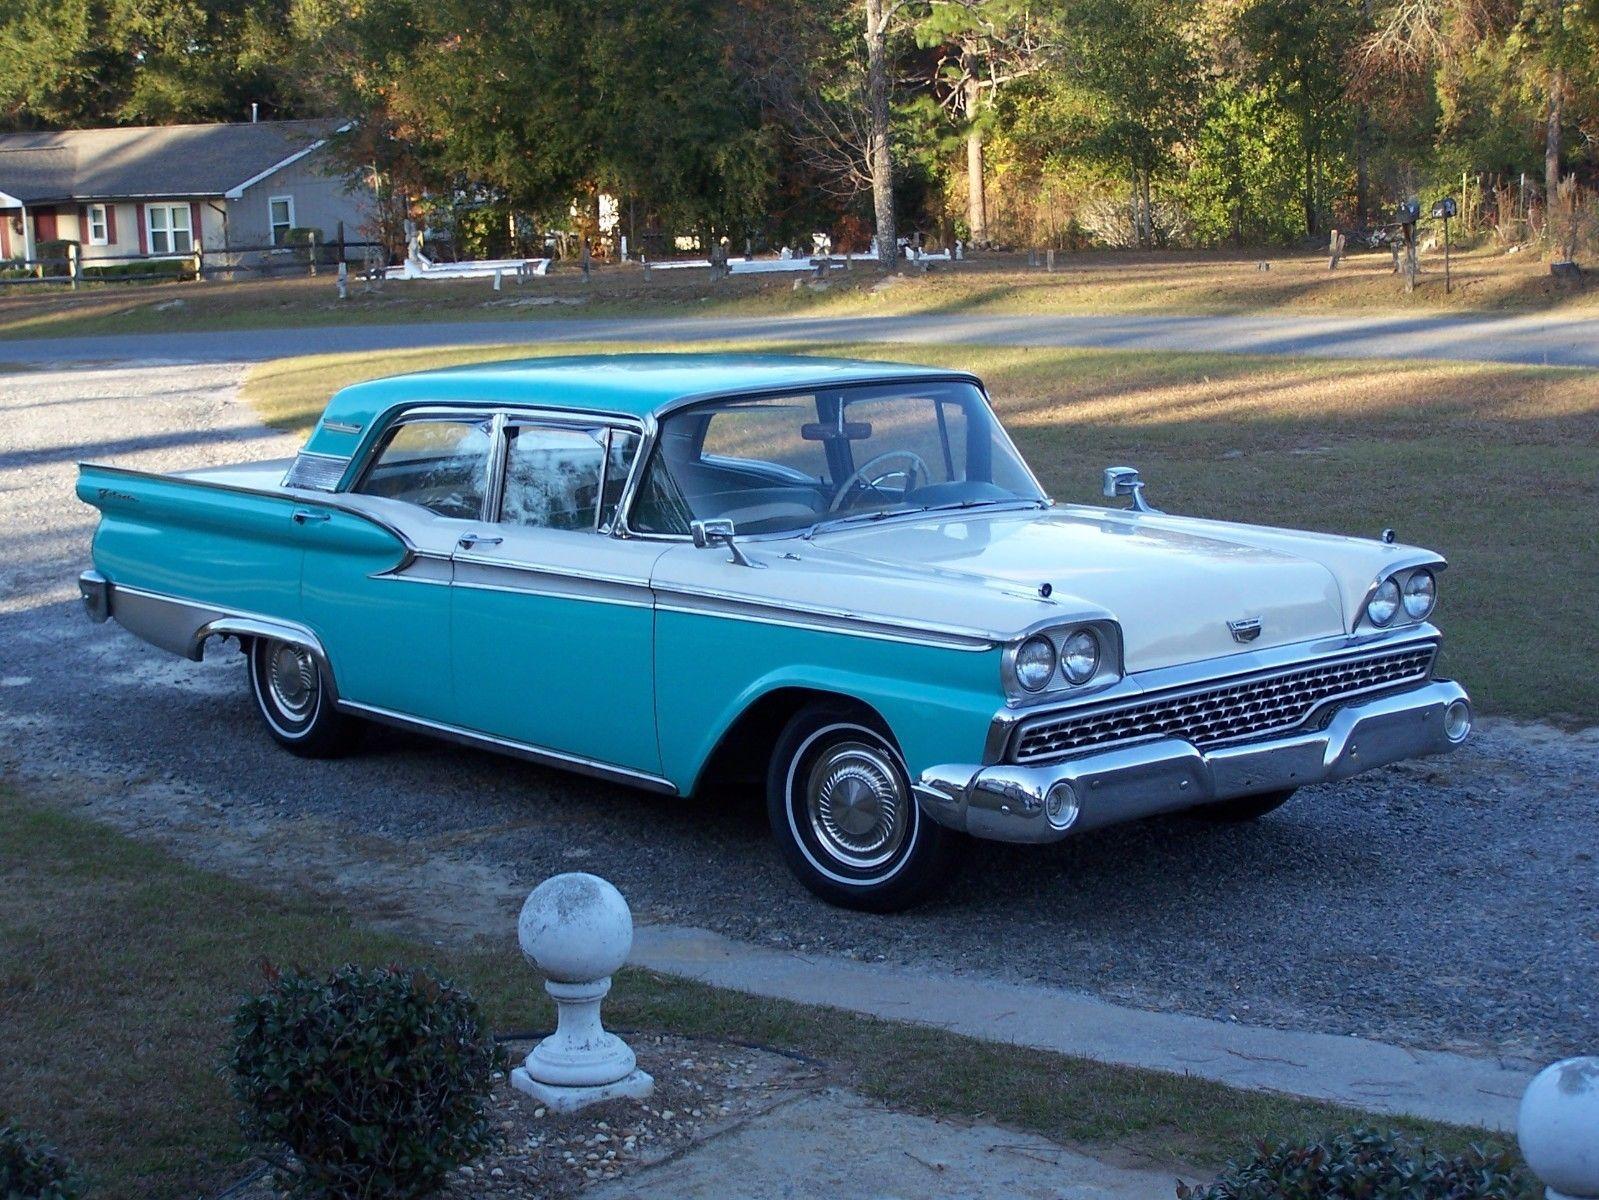 eBay: 1959 Ford Galaxie 1959 Ford Galaxie 500 352 V8 Engine